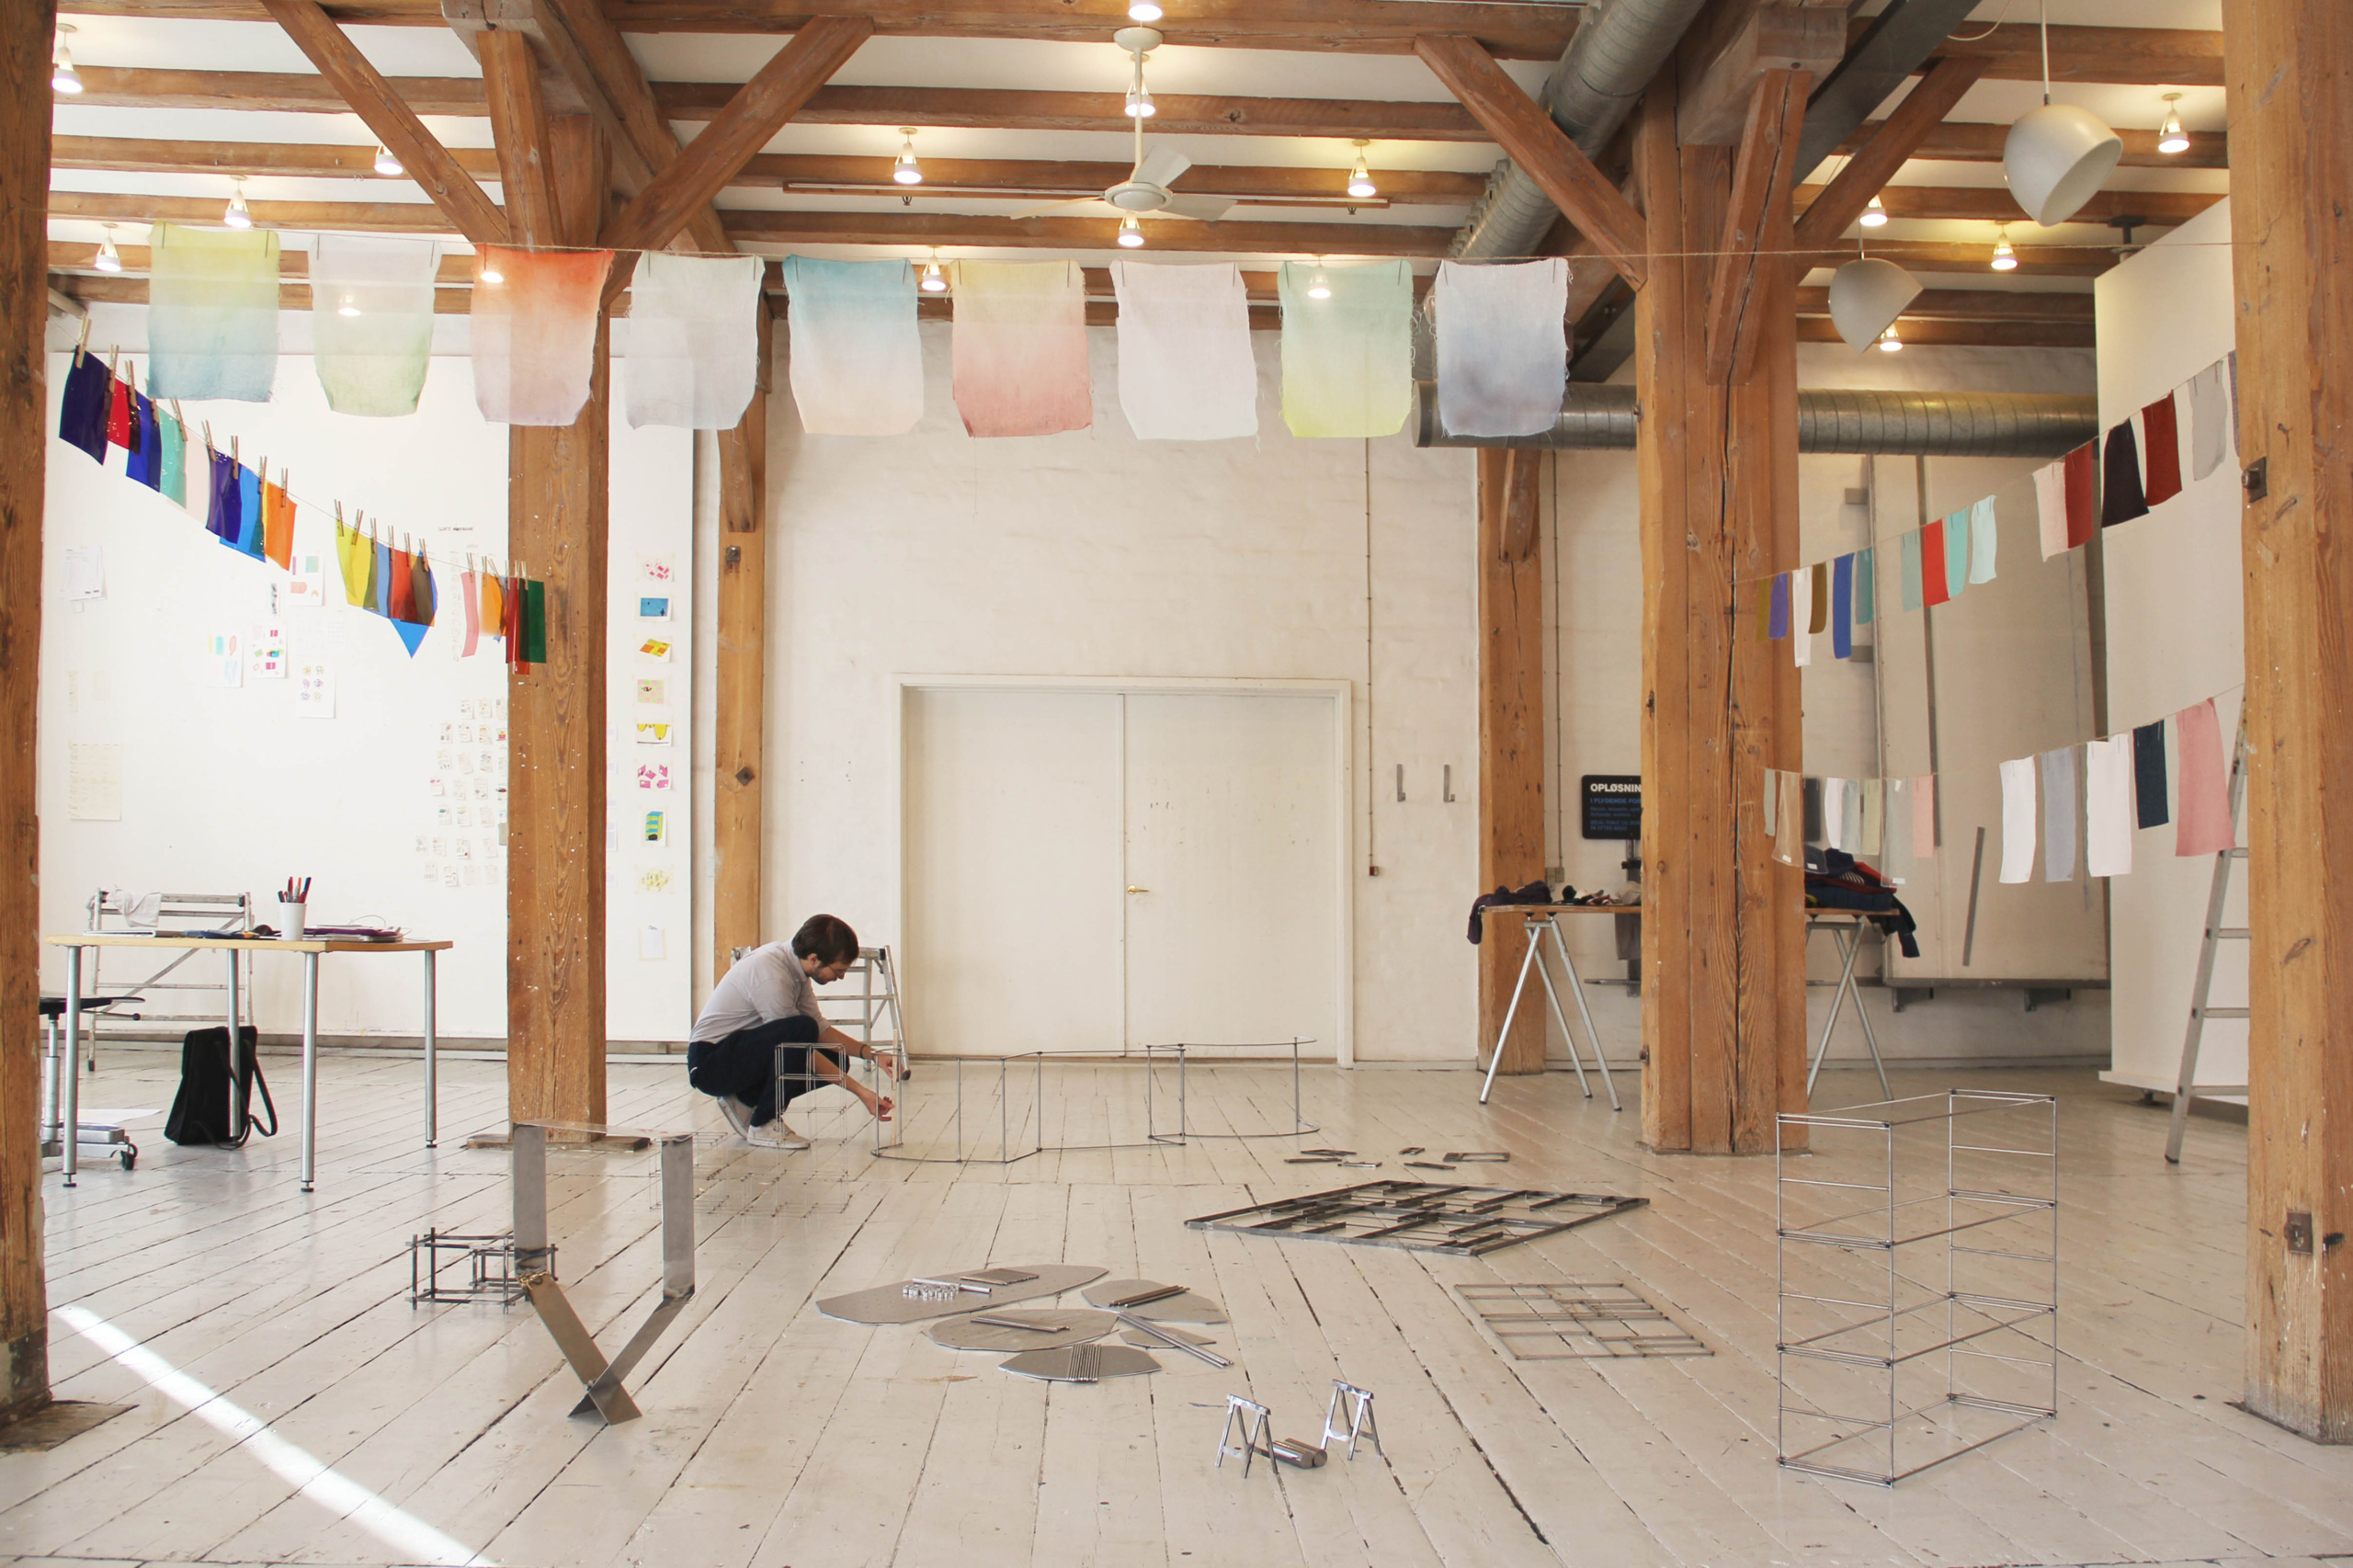 Cristina Gallizioli and Marco Ferrari: Soft architecture